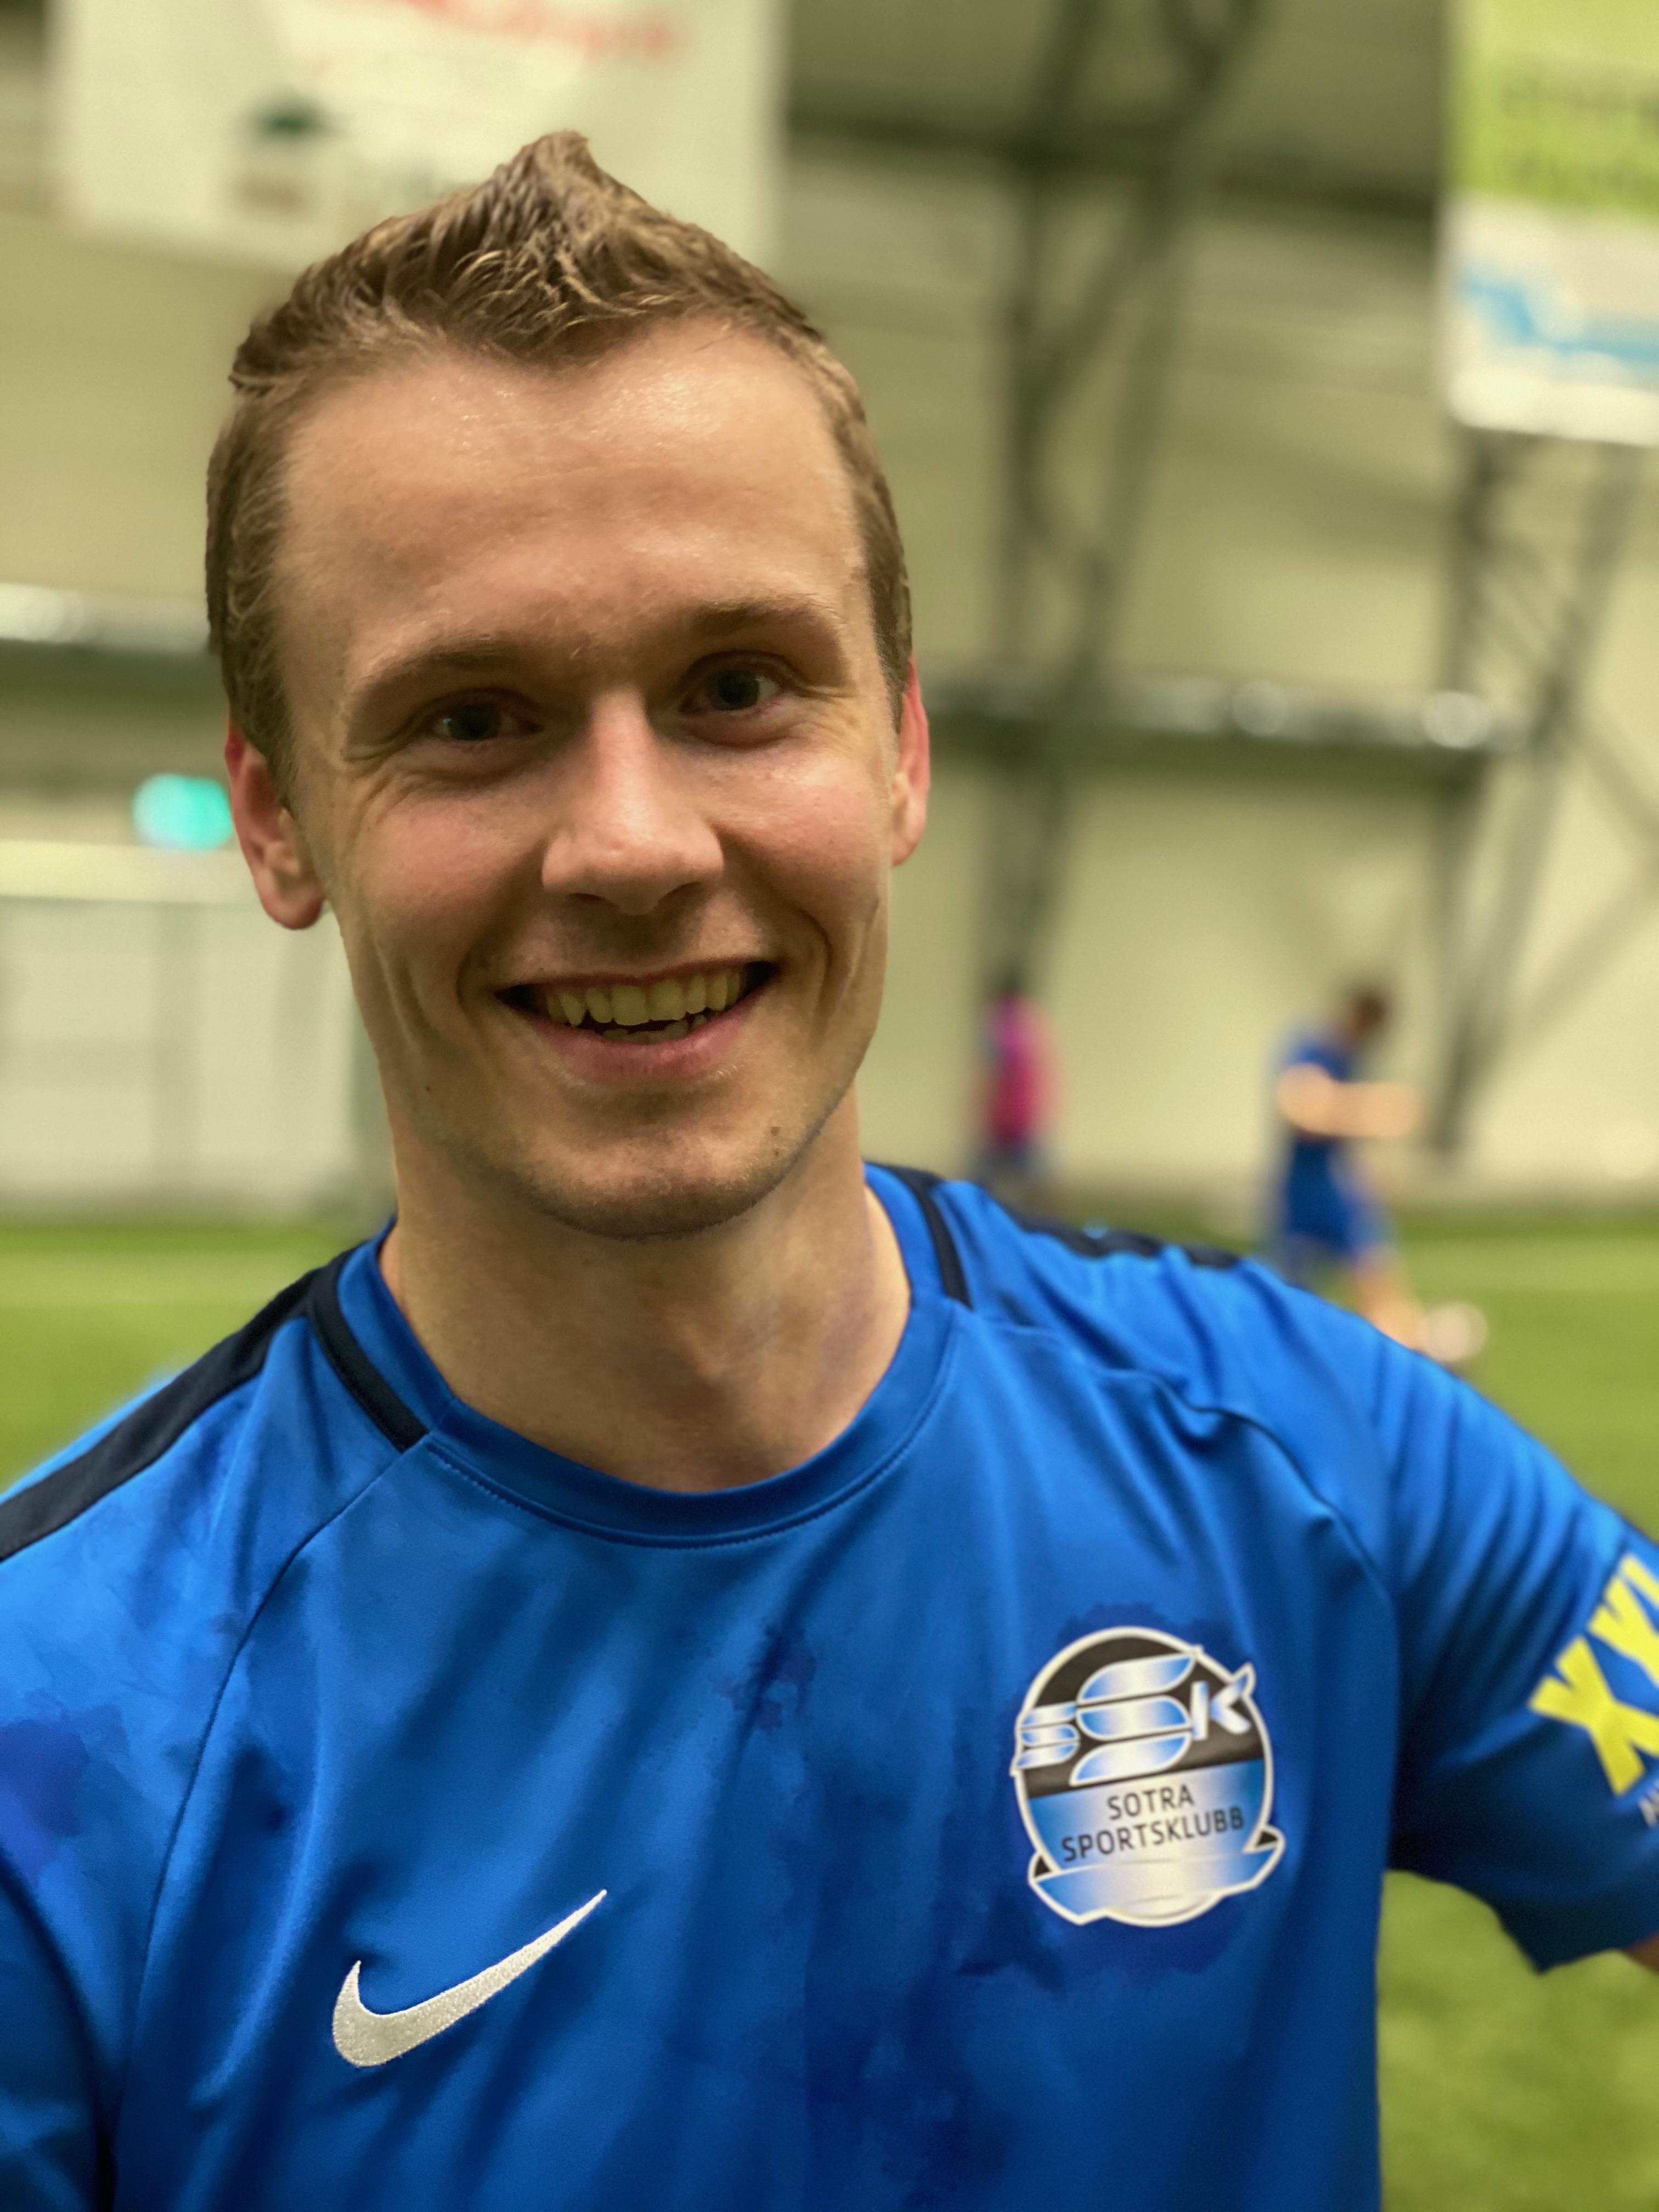 Joachim Edvardsen